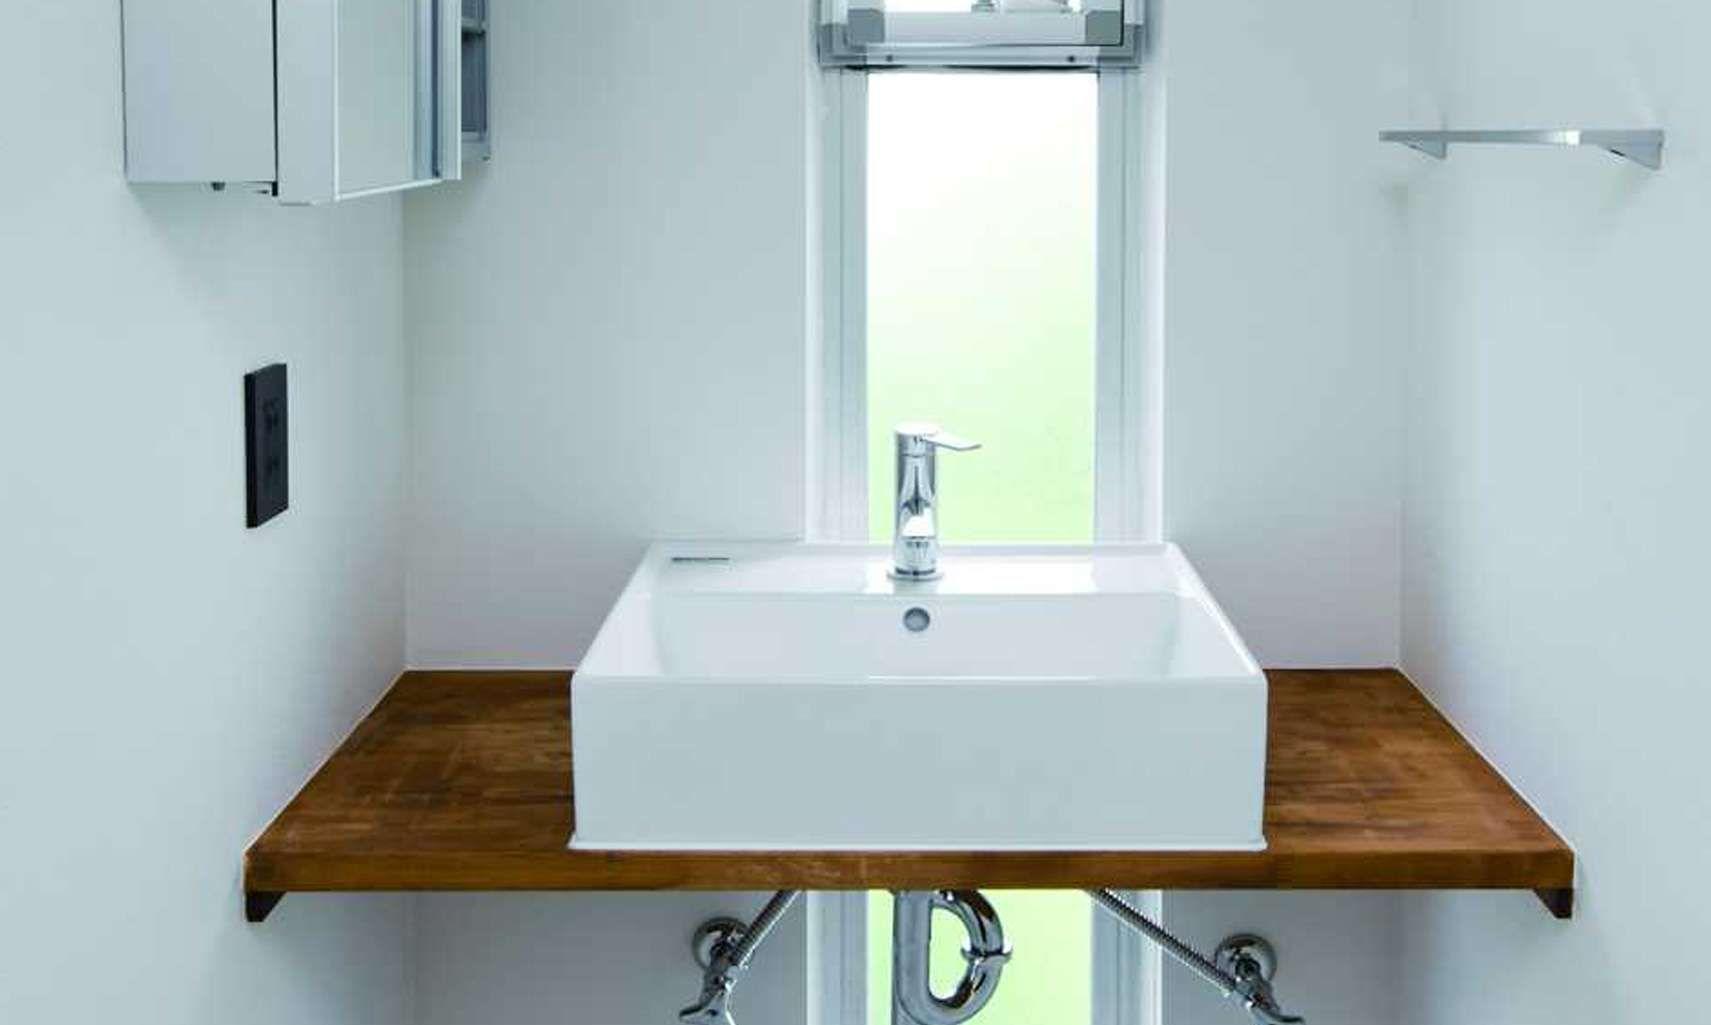 三面鏡じゃない洗面所がリノベーションっぽい!おしゃれな洗面所特集